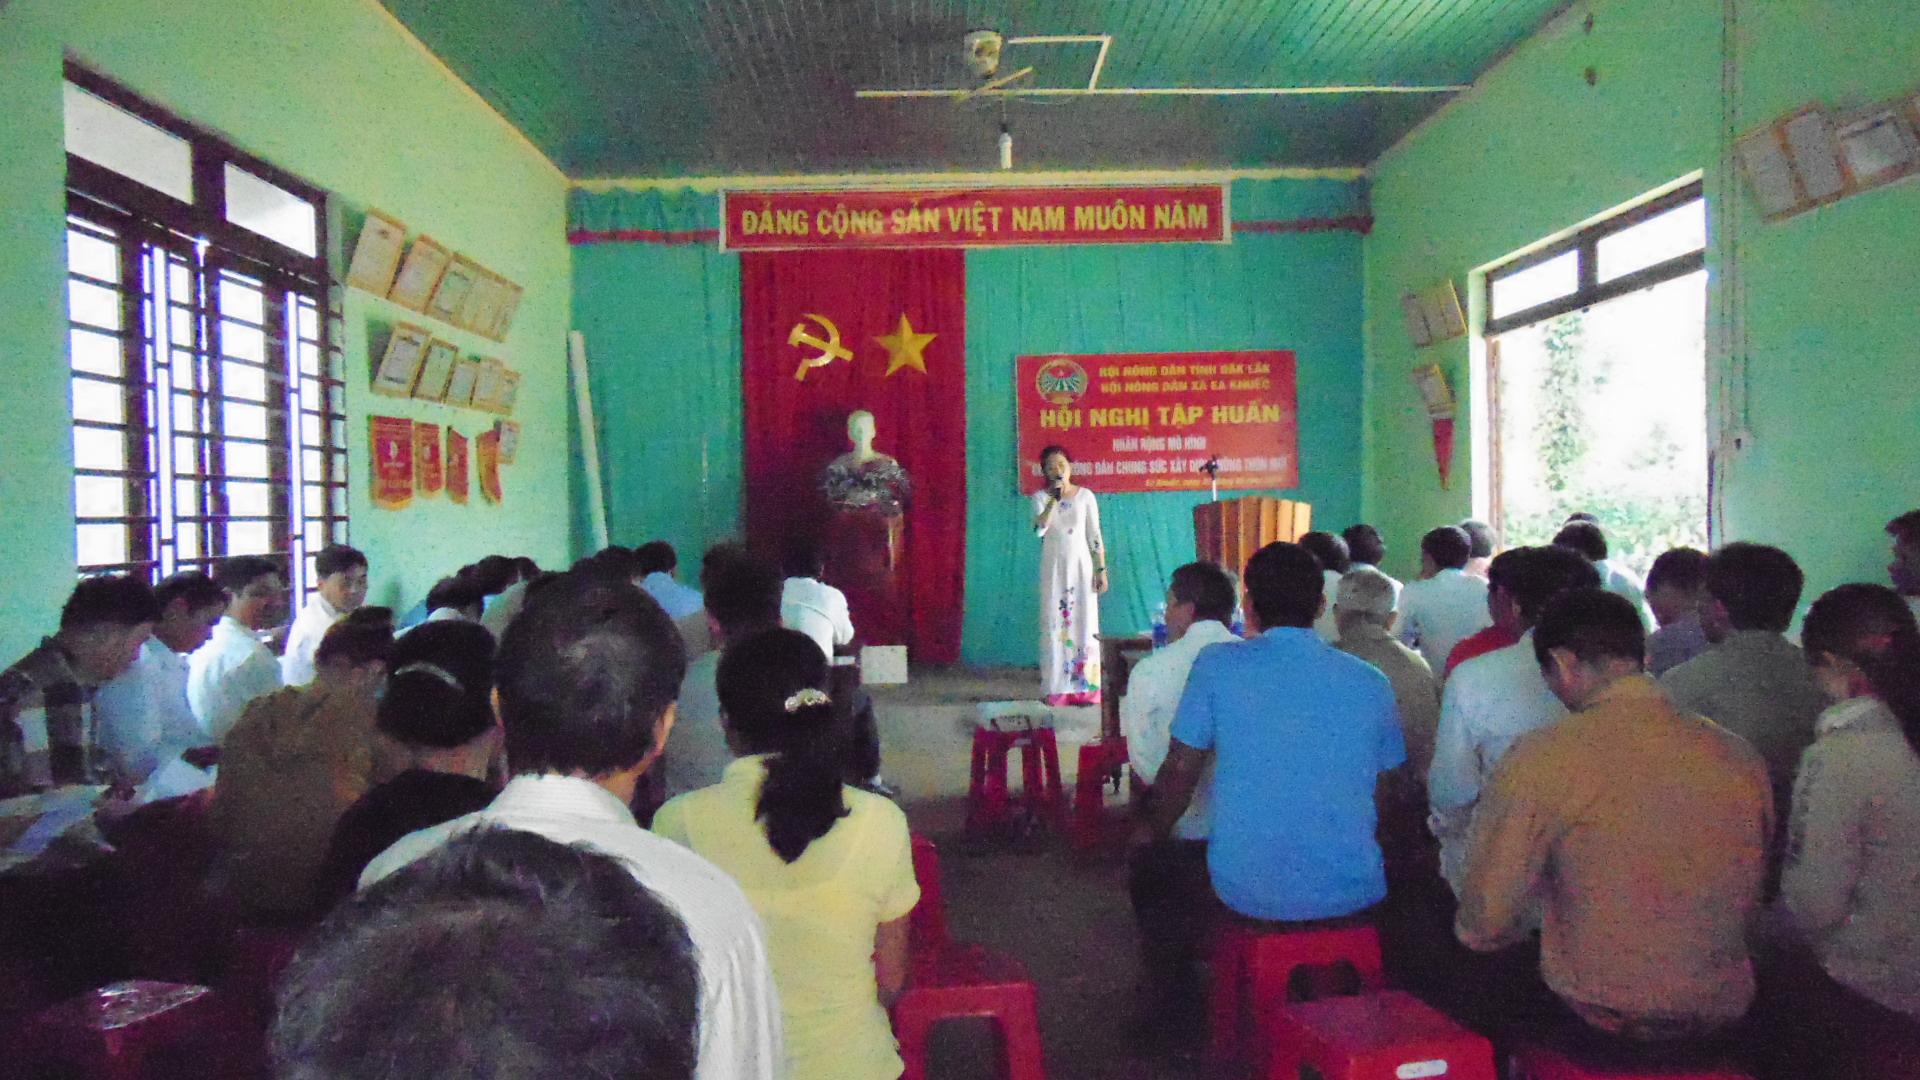 Tập huấn nhân rộng mô hình Chi hội nông dân chung sức xây dựng nông thôn mới